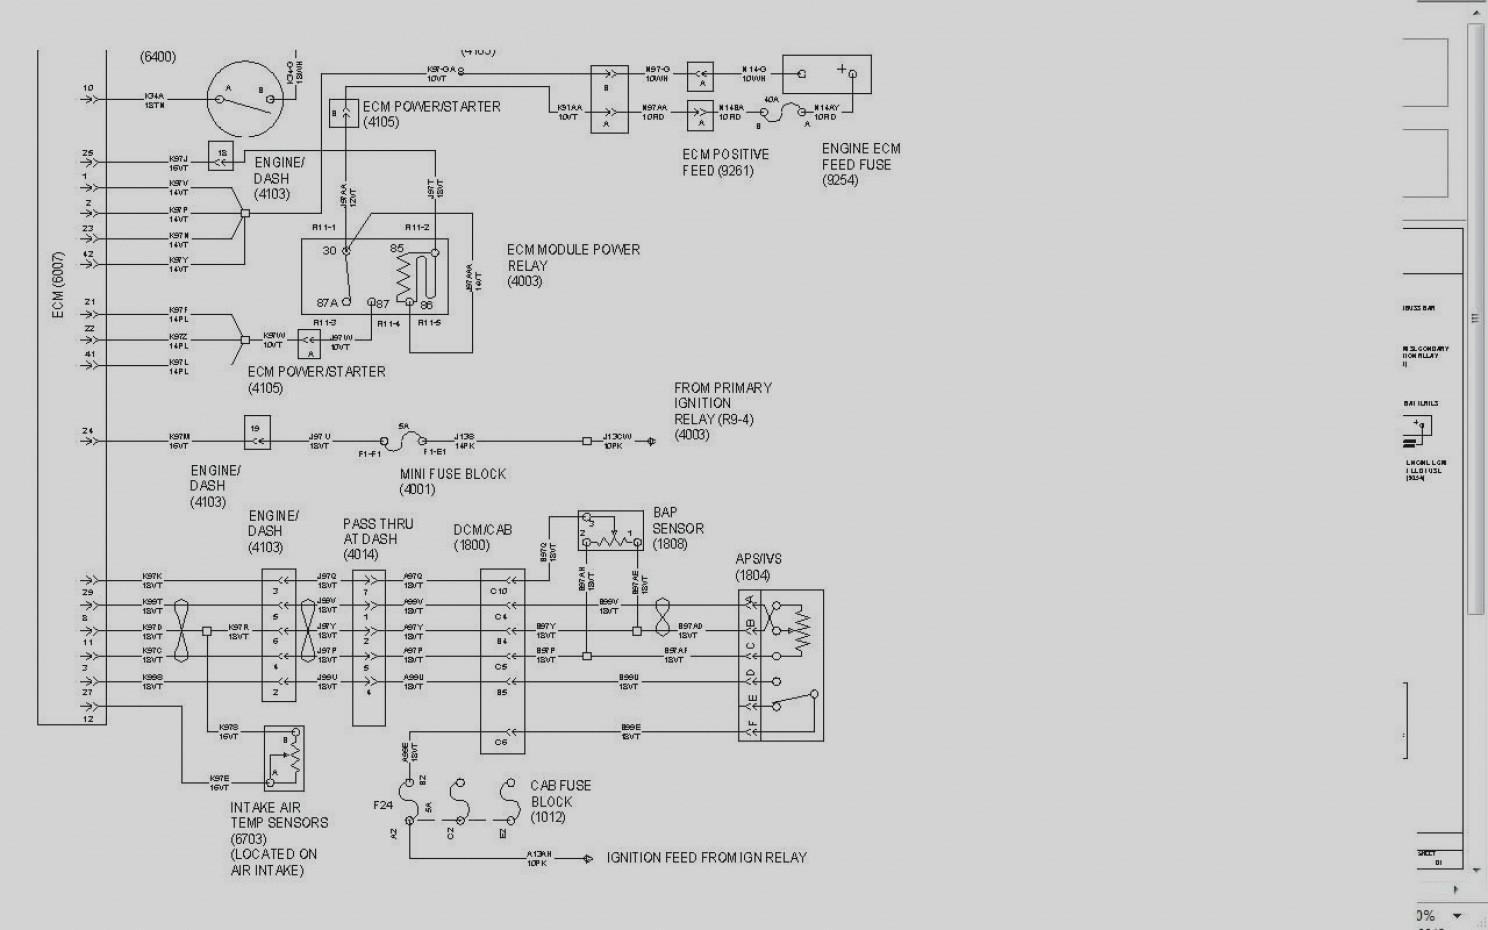 1994 4300 international wiring diagram download wiring diagram